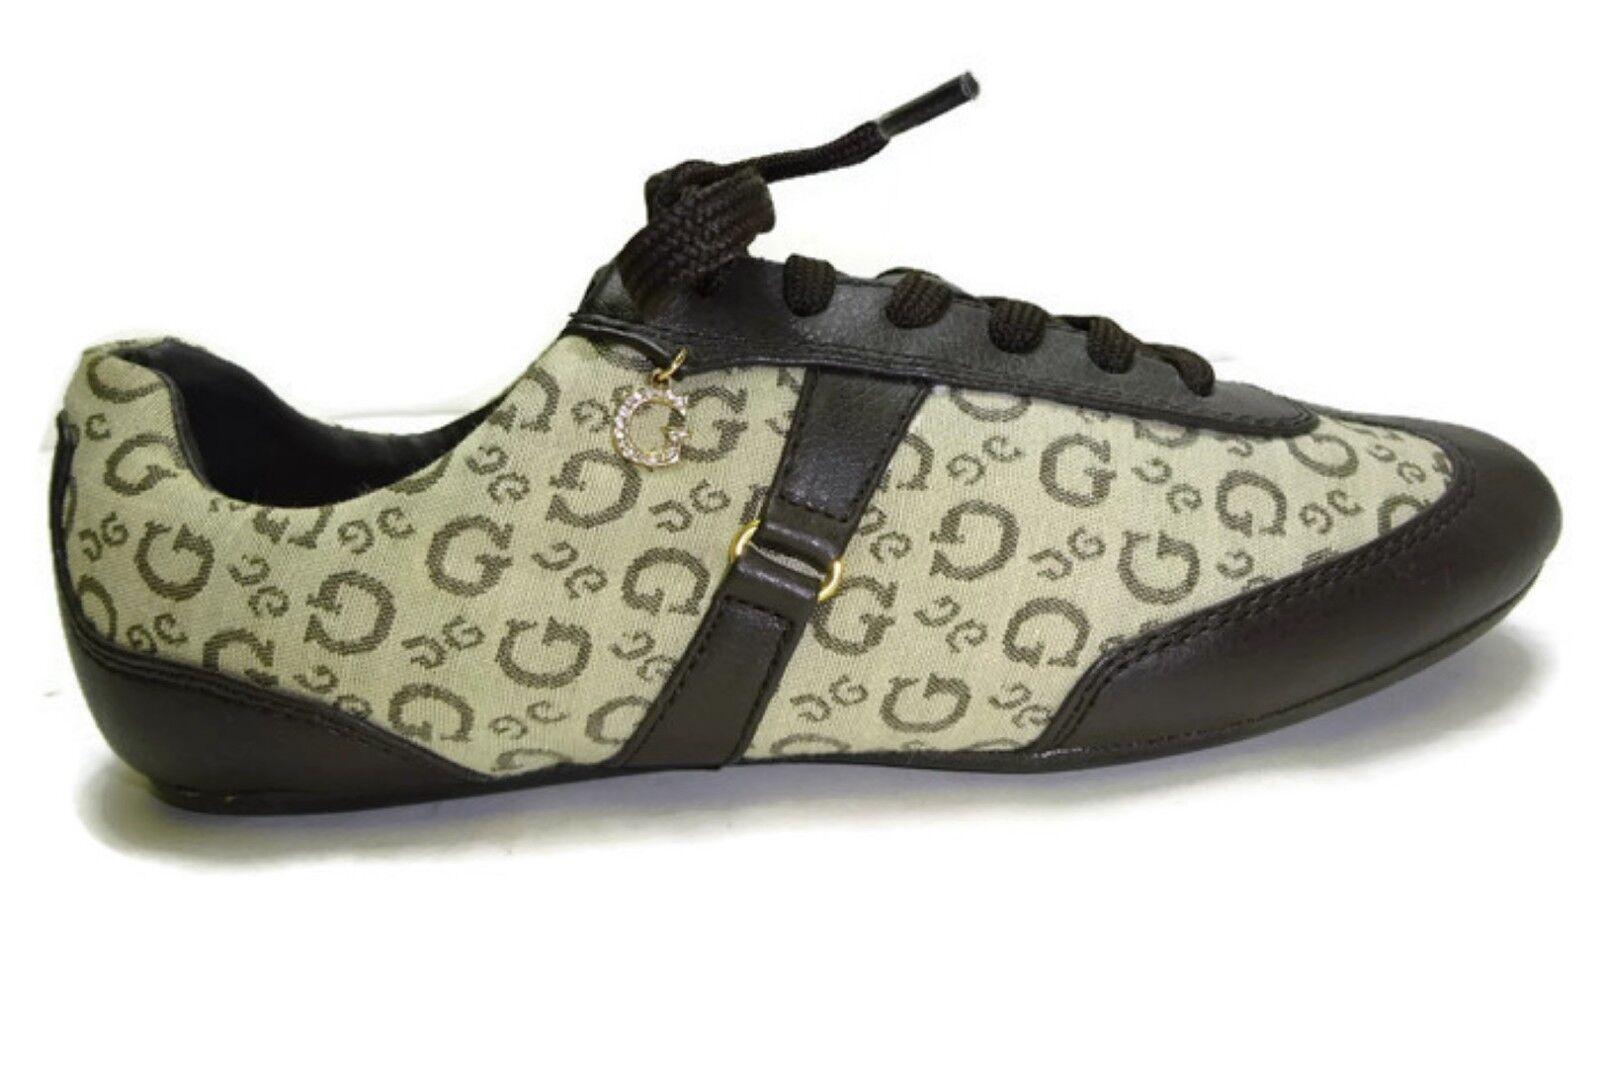 Guess mujer mujer Guess wghawkin zapatilla de deporte Con Cordones, De Moda, Marrón, 6.5 M nosotros dc4a2d